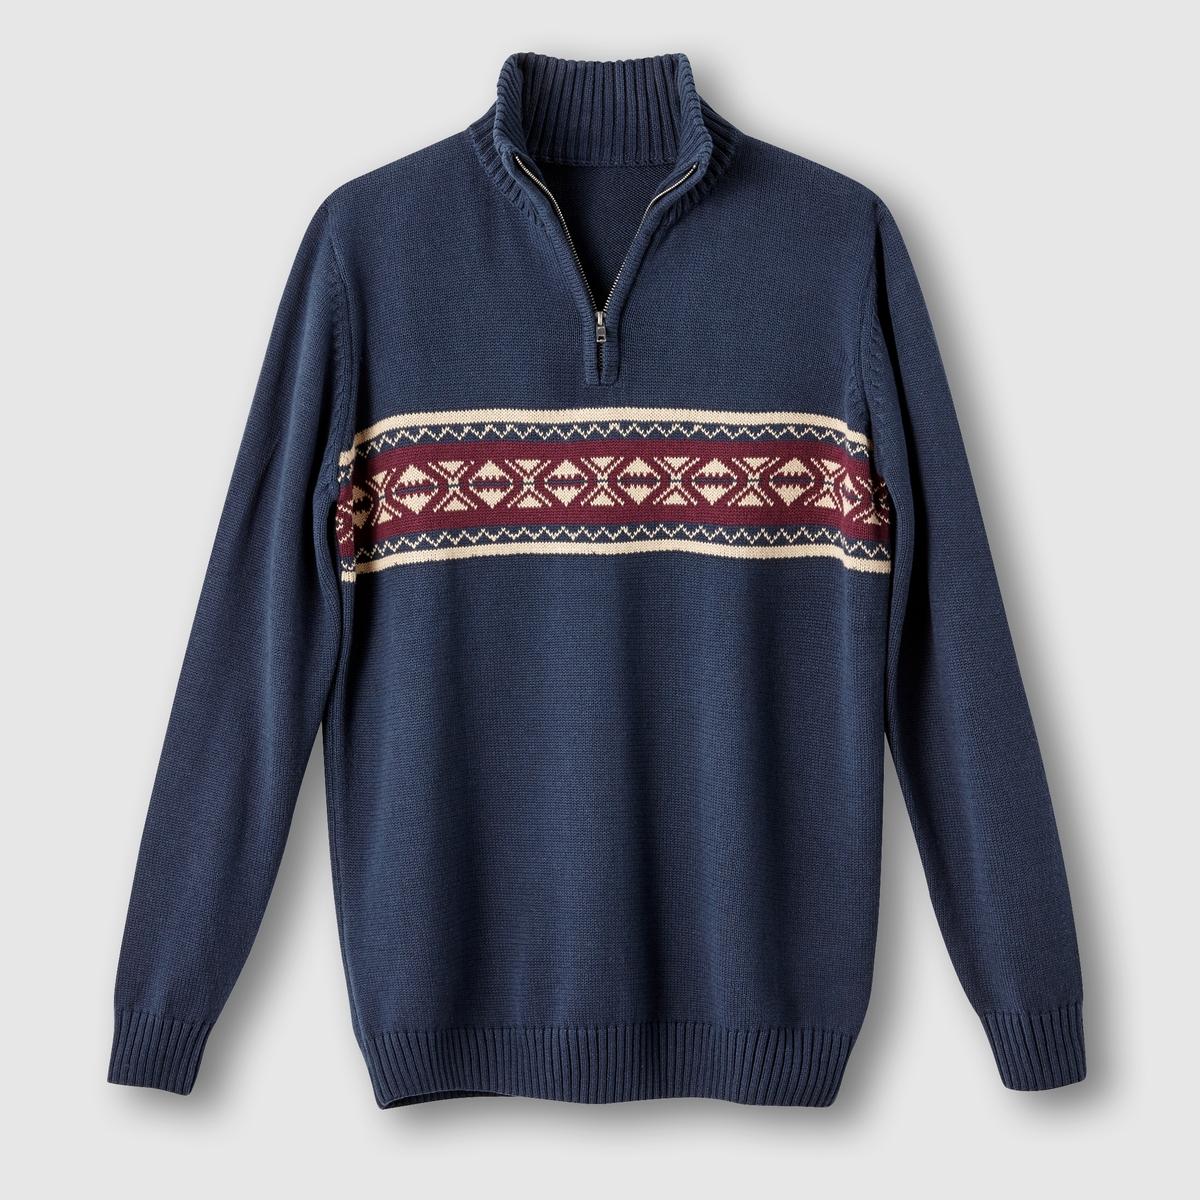 Пуловер жаккардовый с воротником на молнииПуловер жаккардовый с воротником на молнии. Длинные рукава. Высокий воротник на молнии. Лента с оригинальным жаккардовым рисунком спереди. Отделка краев в рубчик. 100% хлопок. Длина 73 см.<br><br>Цвет: темно-синий